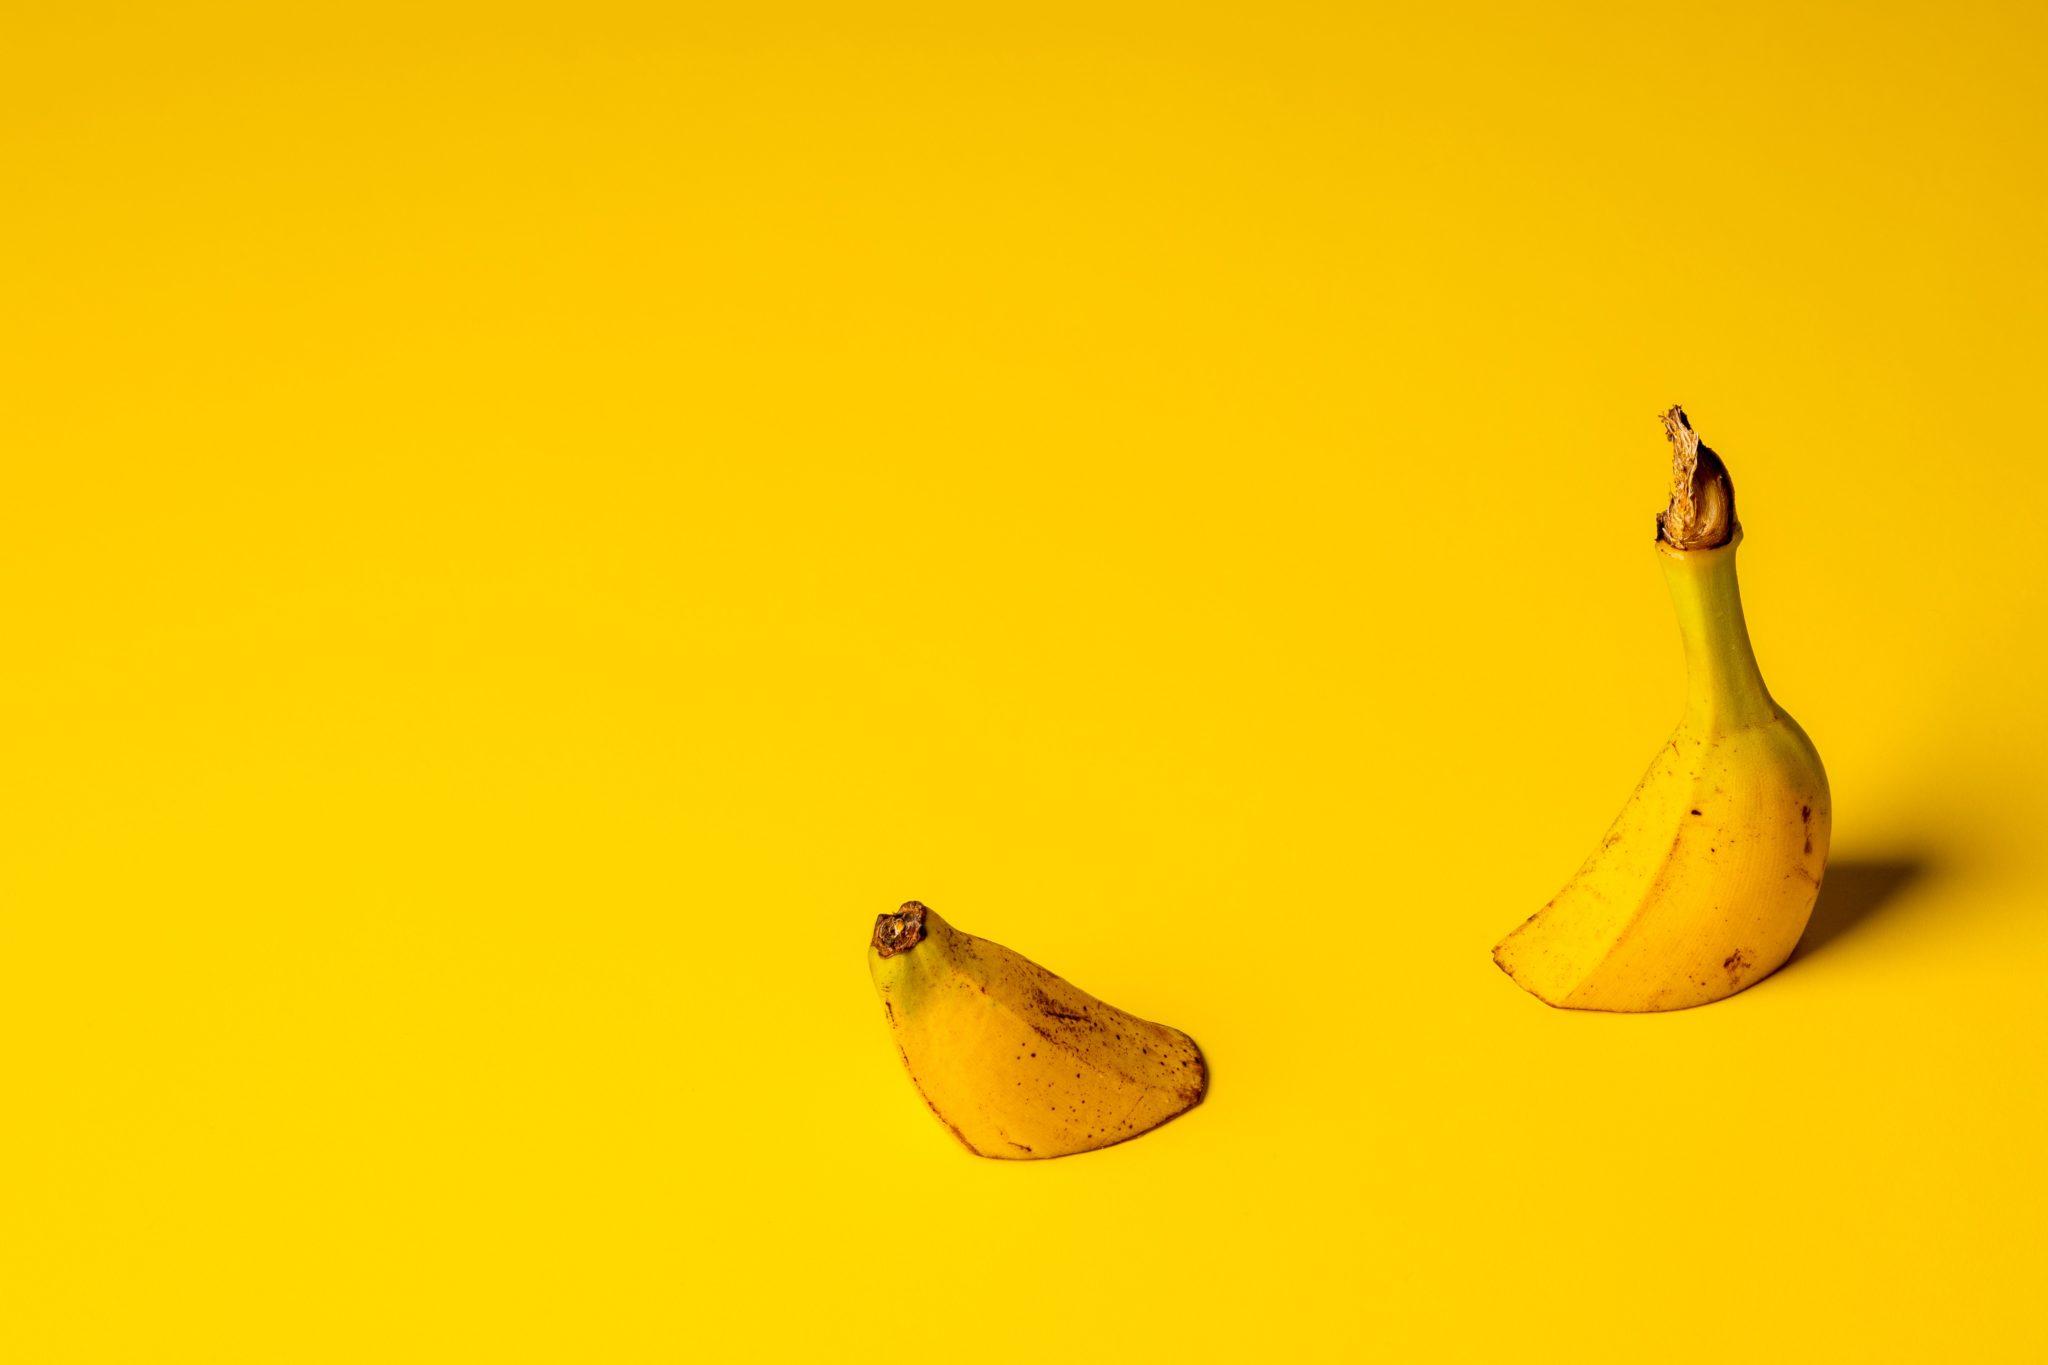 banana e performance